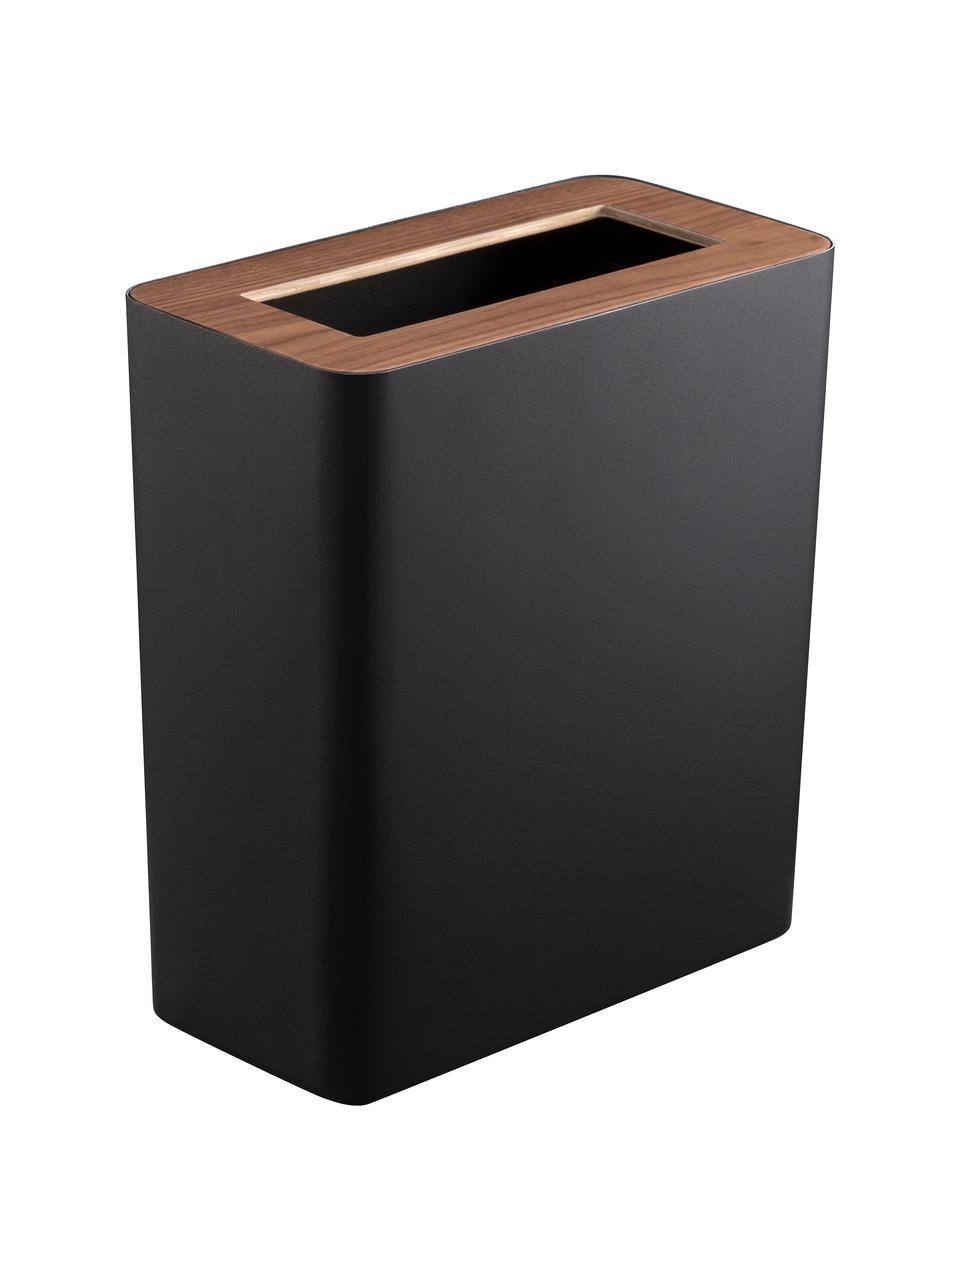 Cestino in acciaio verniciato Rin, Coperchio: legno, Nero, marrone scuro, Larg. 28 x Alt. 30 cm